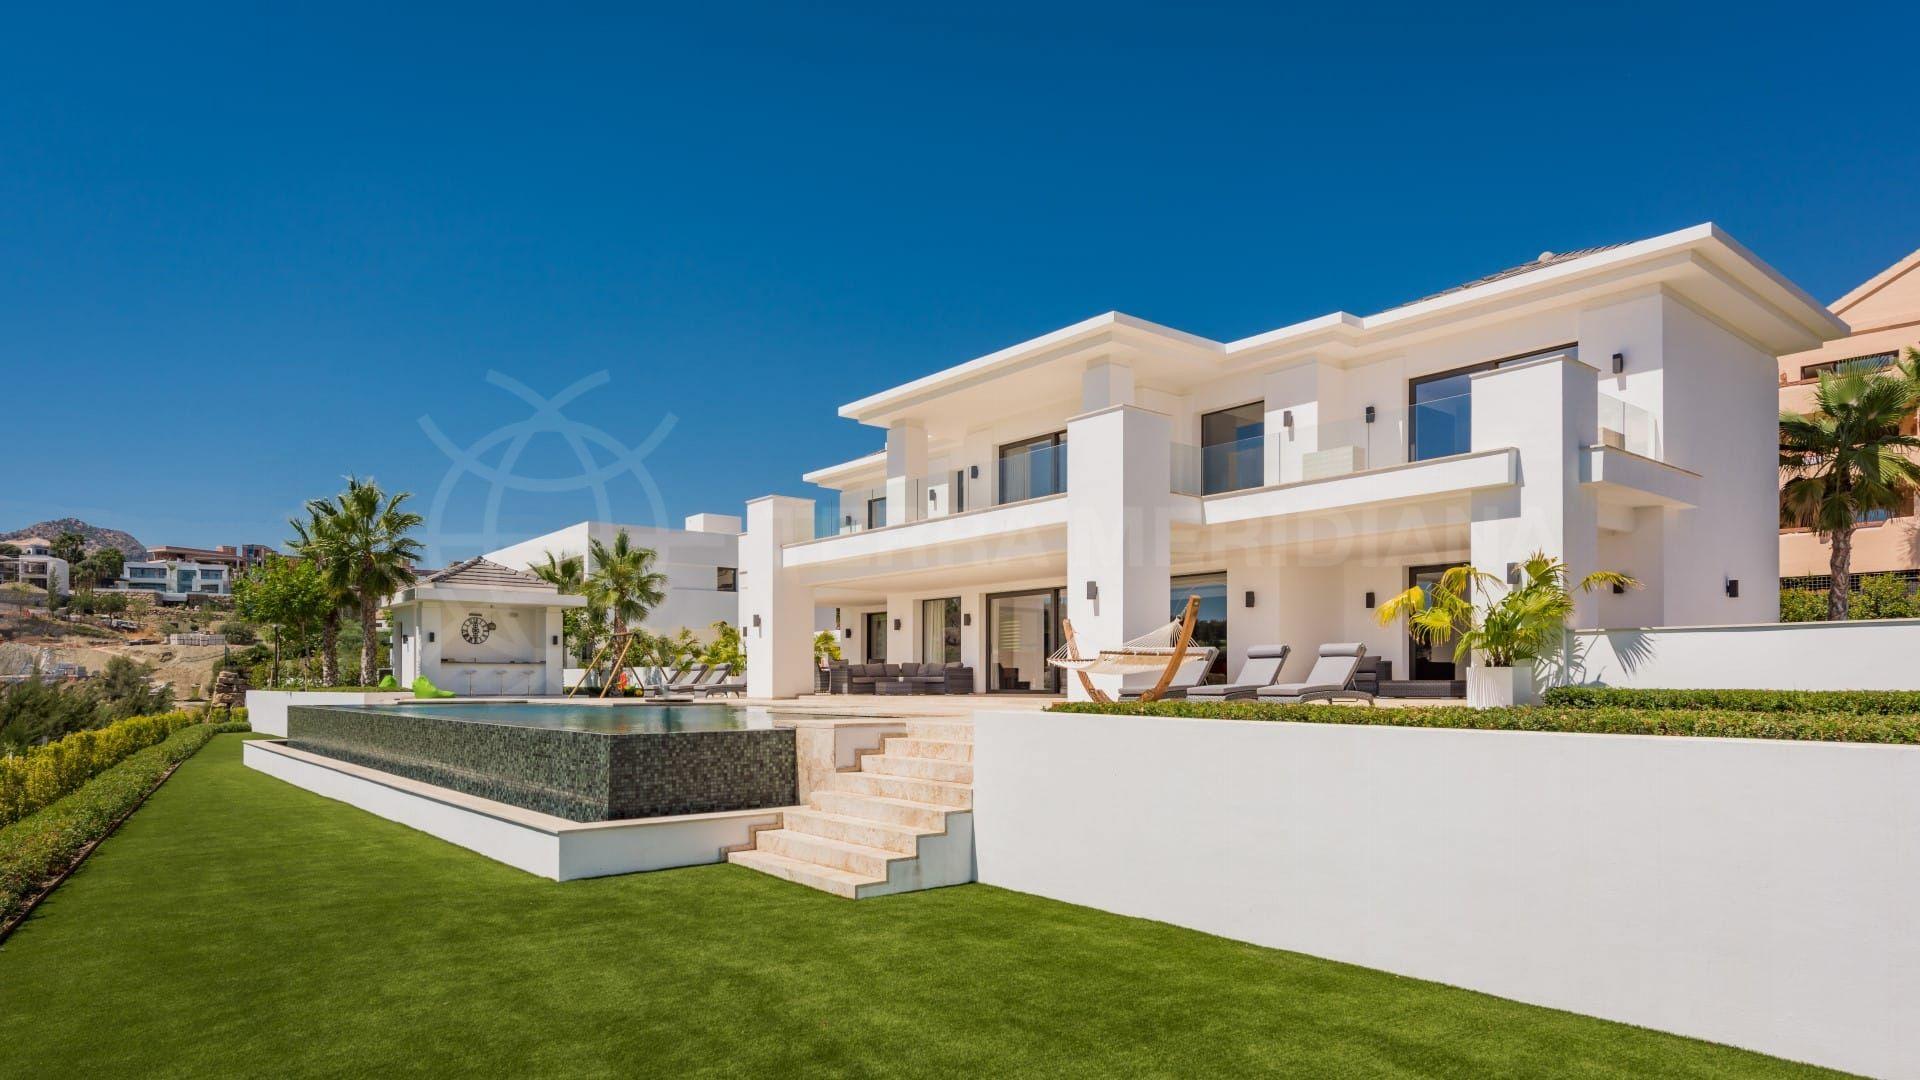 Villa Alquería: a new home made-to-measure for a growing family